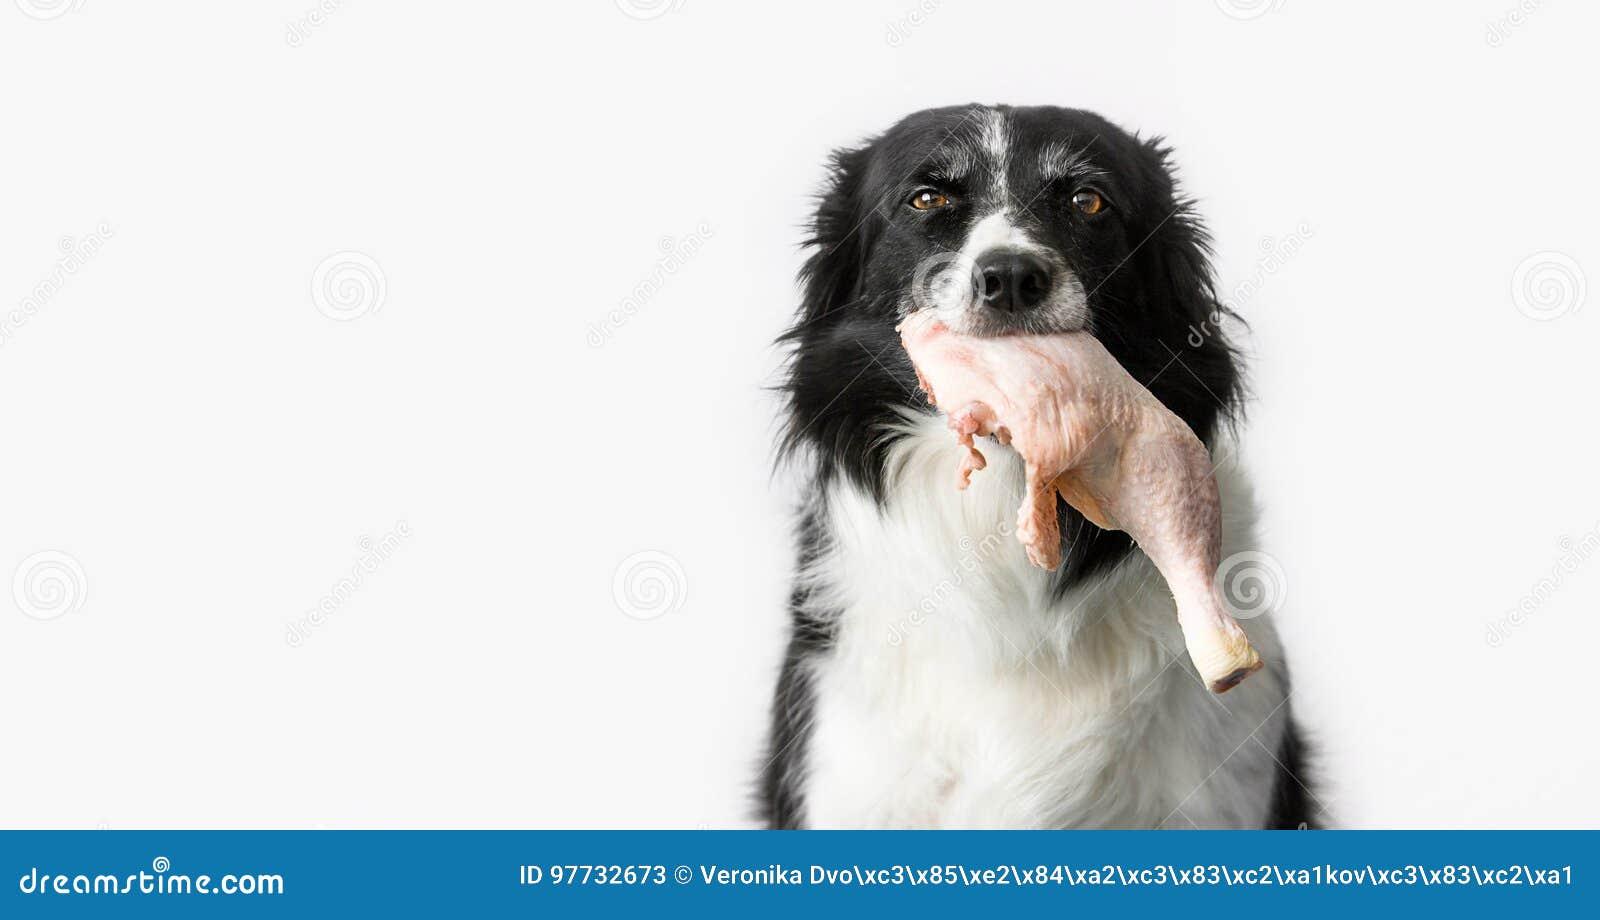 Σκυλί με το ακατέργαστο κρέας στο στόμα